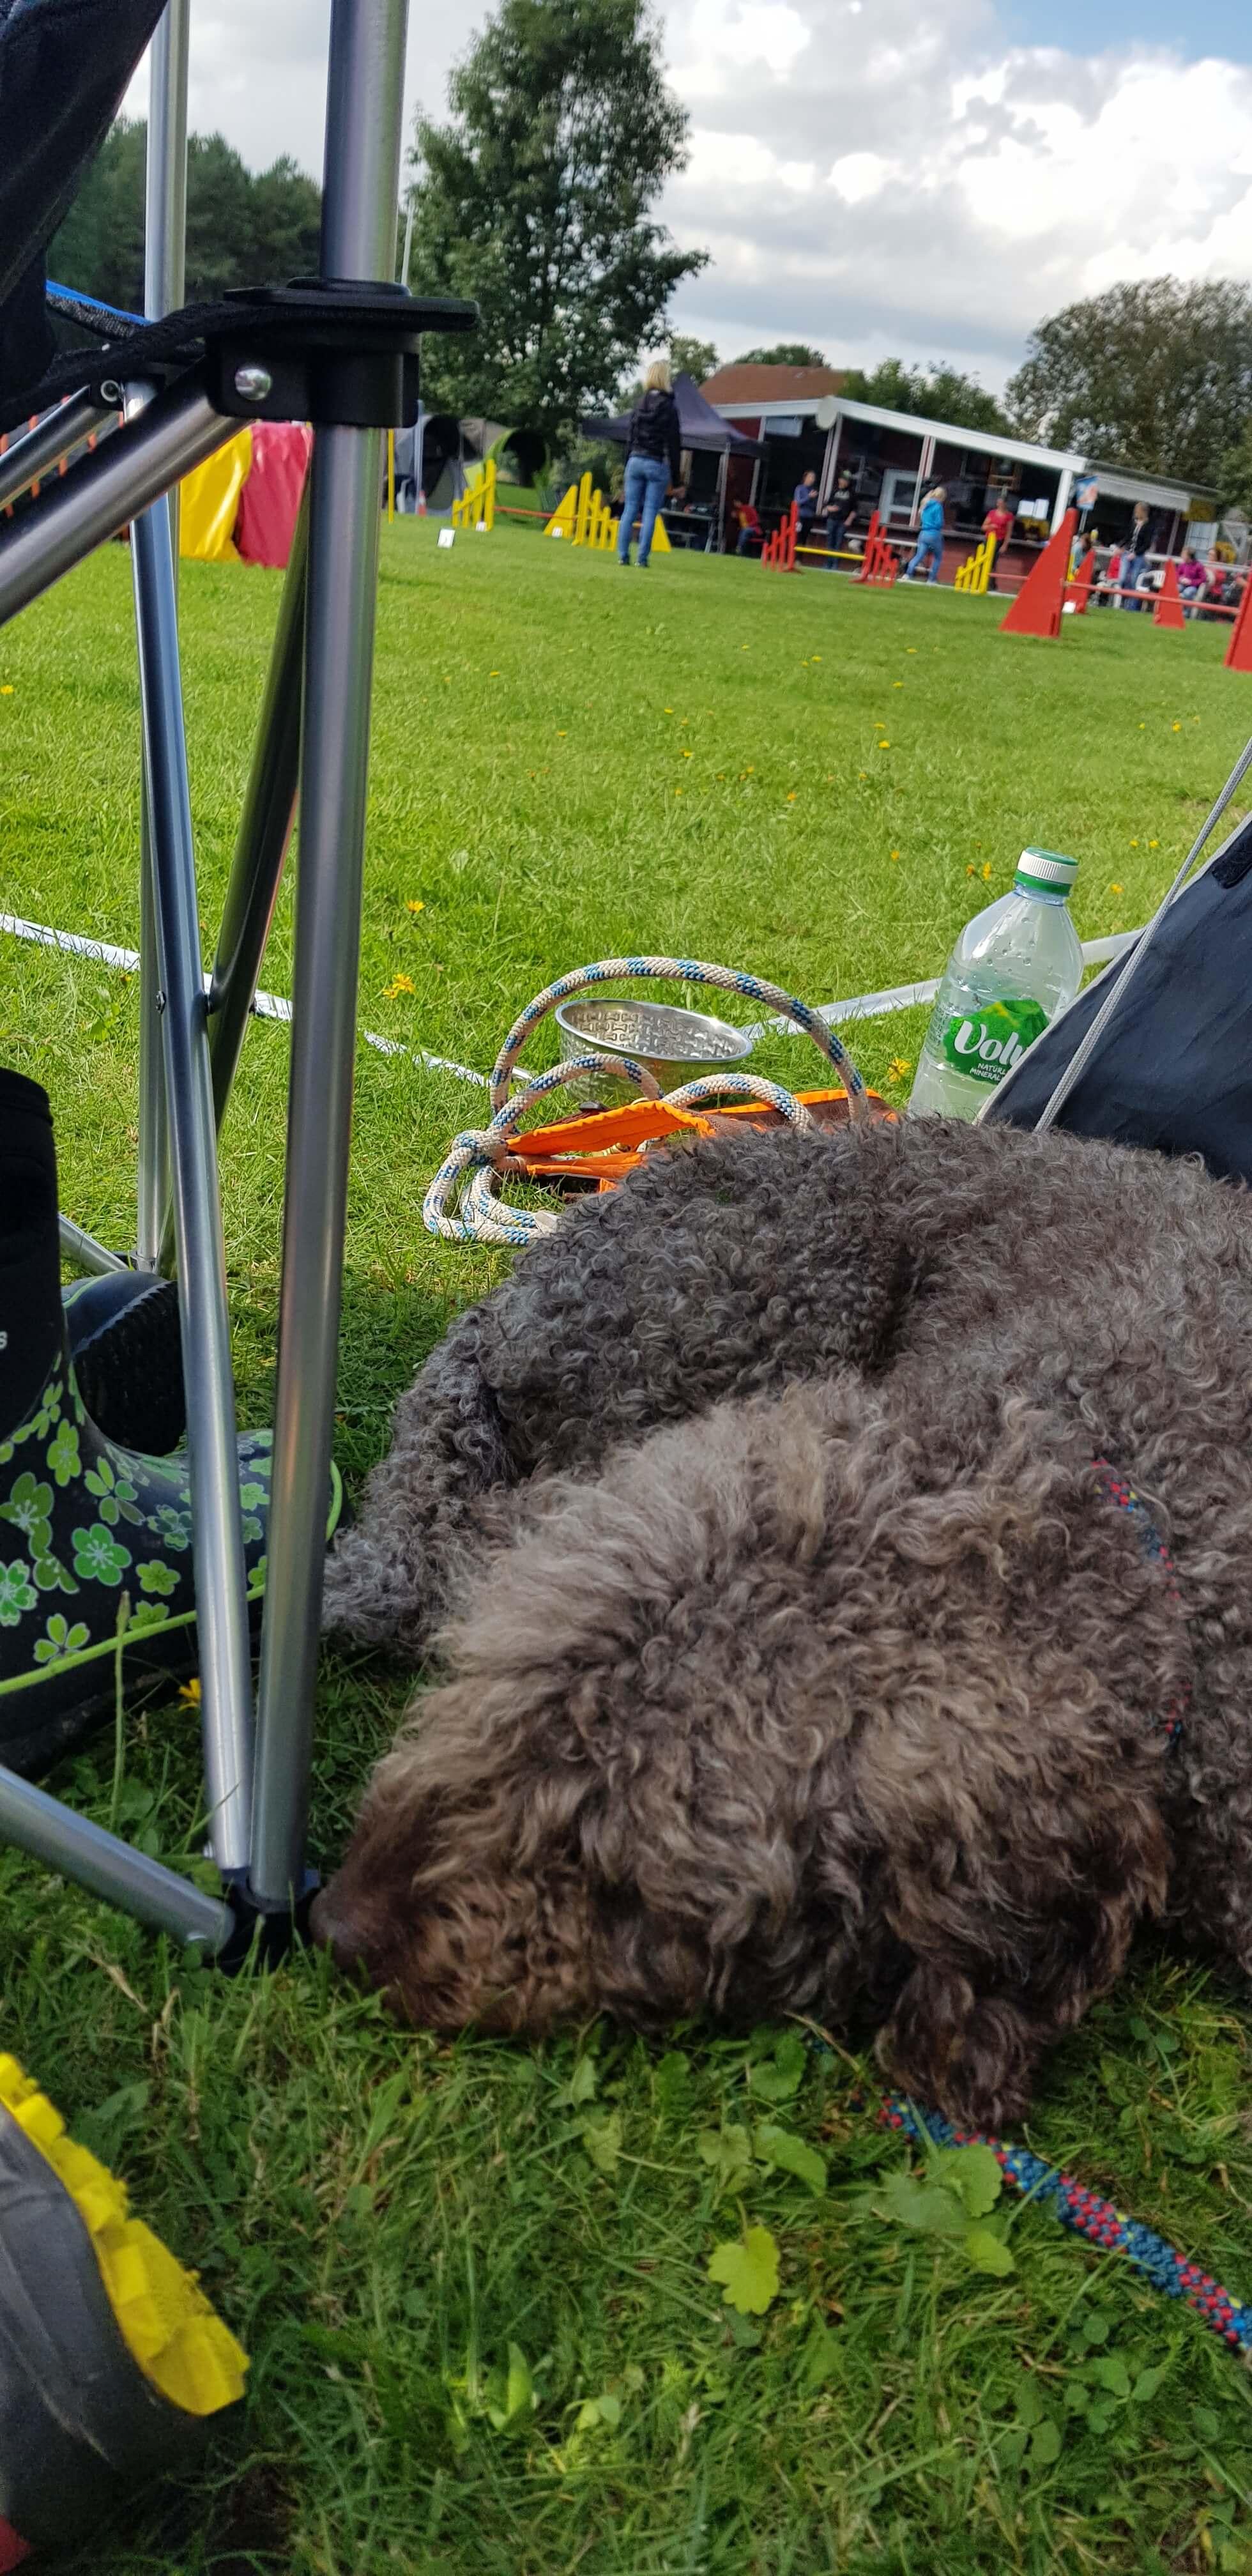 Am Parcours relaxen